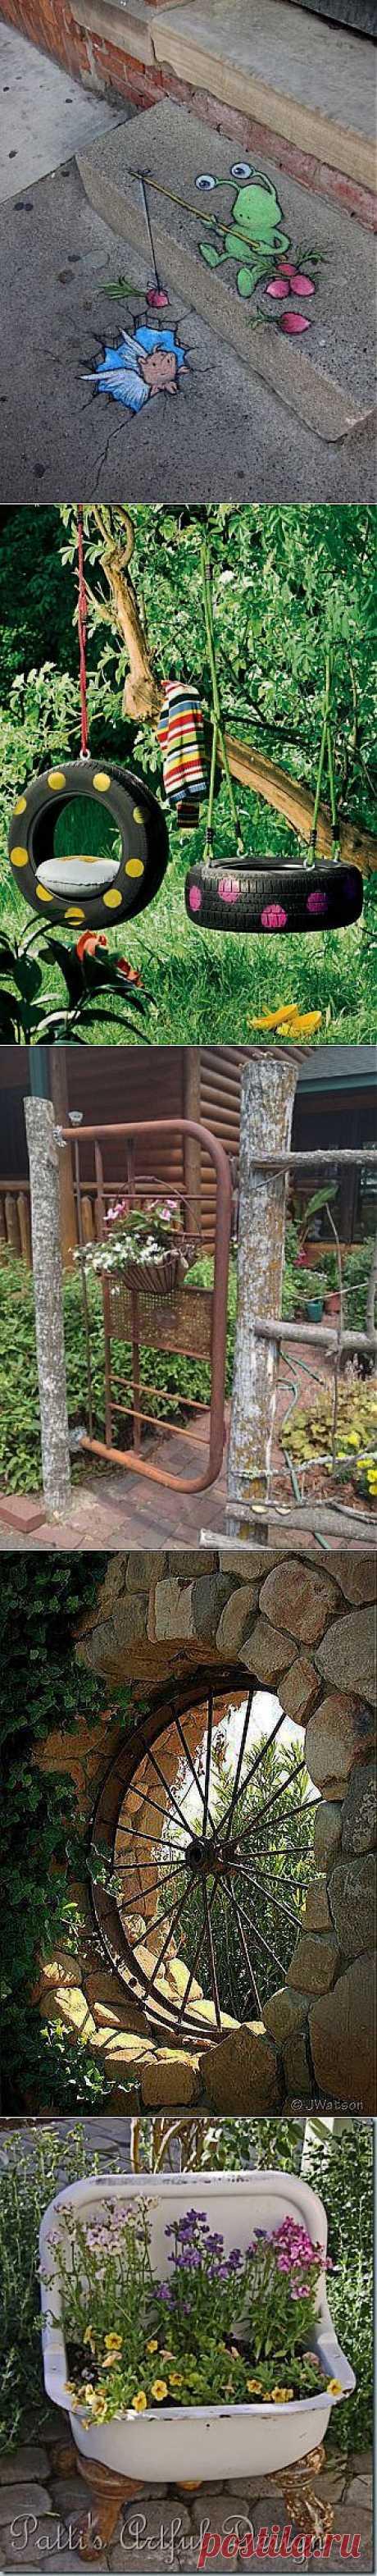 полезные и приятные мелочи в саду